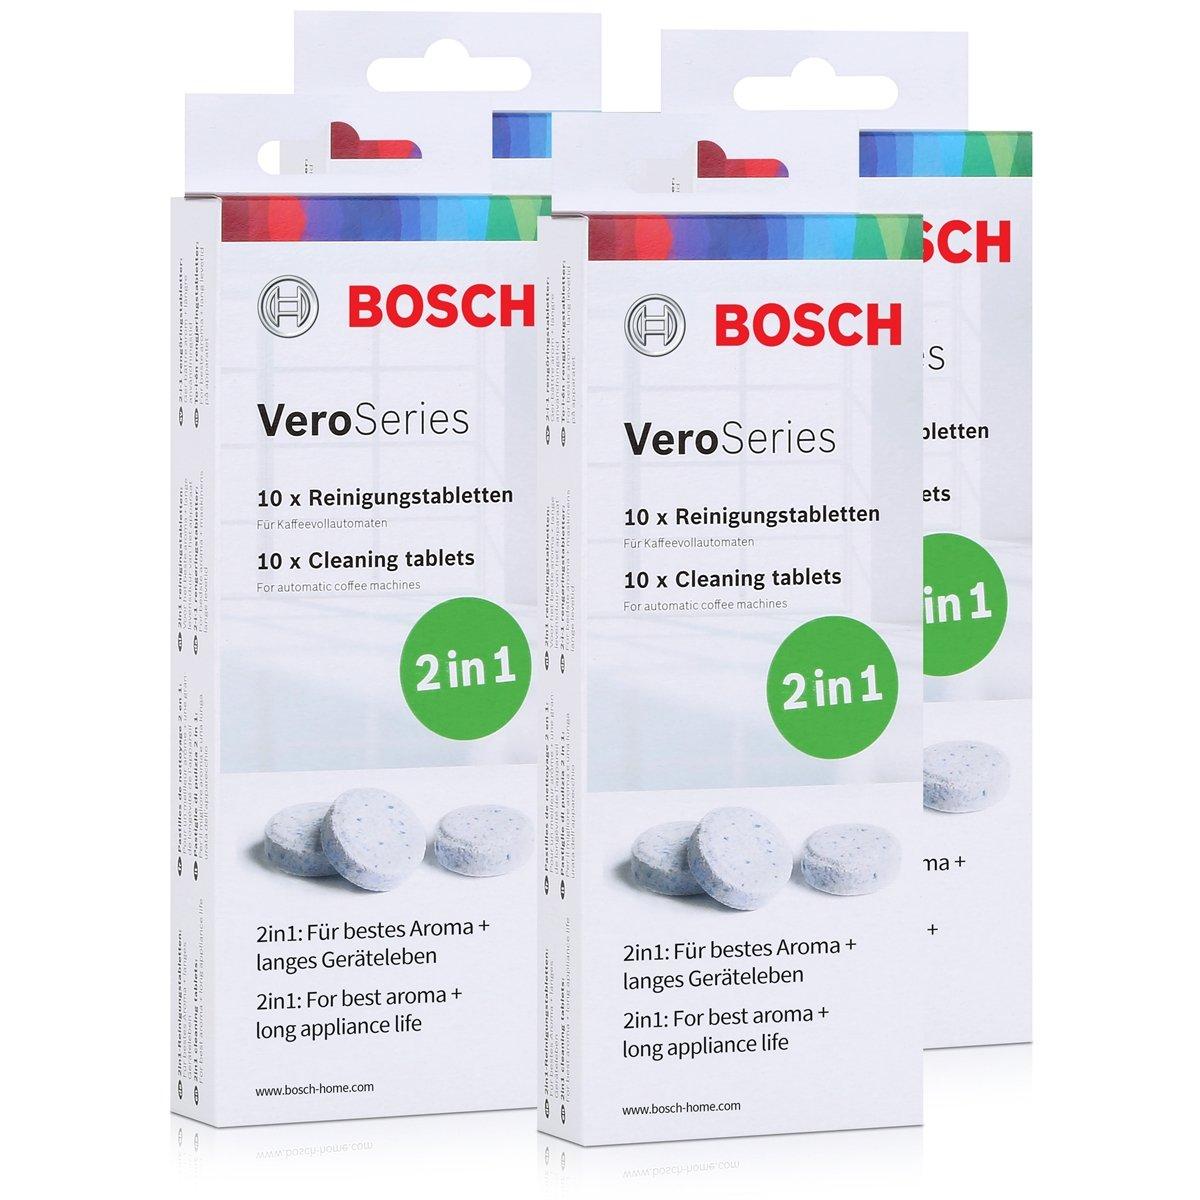 Bosch VEROS ProSeries tcz8001 pastillas de limpieza 2 en 1 - 10 ...